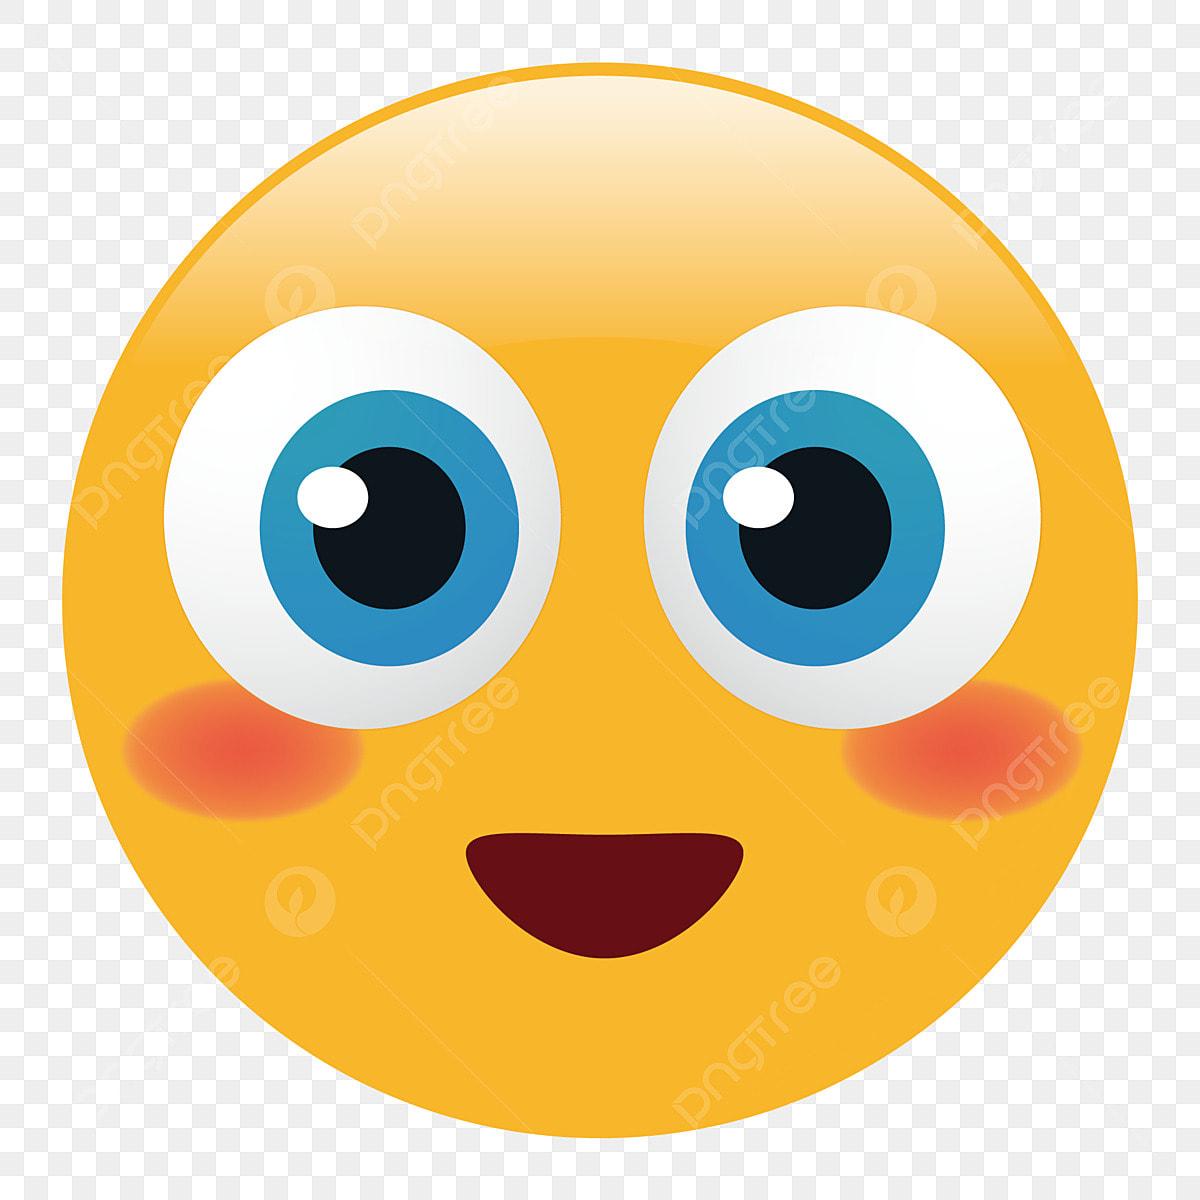 Illustration De Visage De Dessin Anime Sourire Visage Visage Mignon Visage Souriant Clipart De Sourire Illustration De Visage De Dessin Anime Sourire Png Et Vecteur Pour Telechargement Gratuit